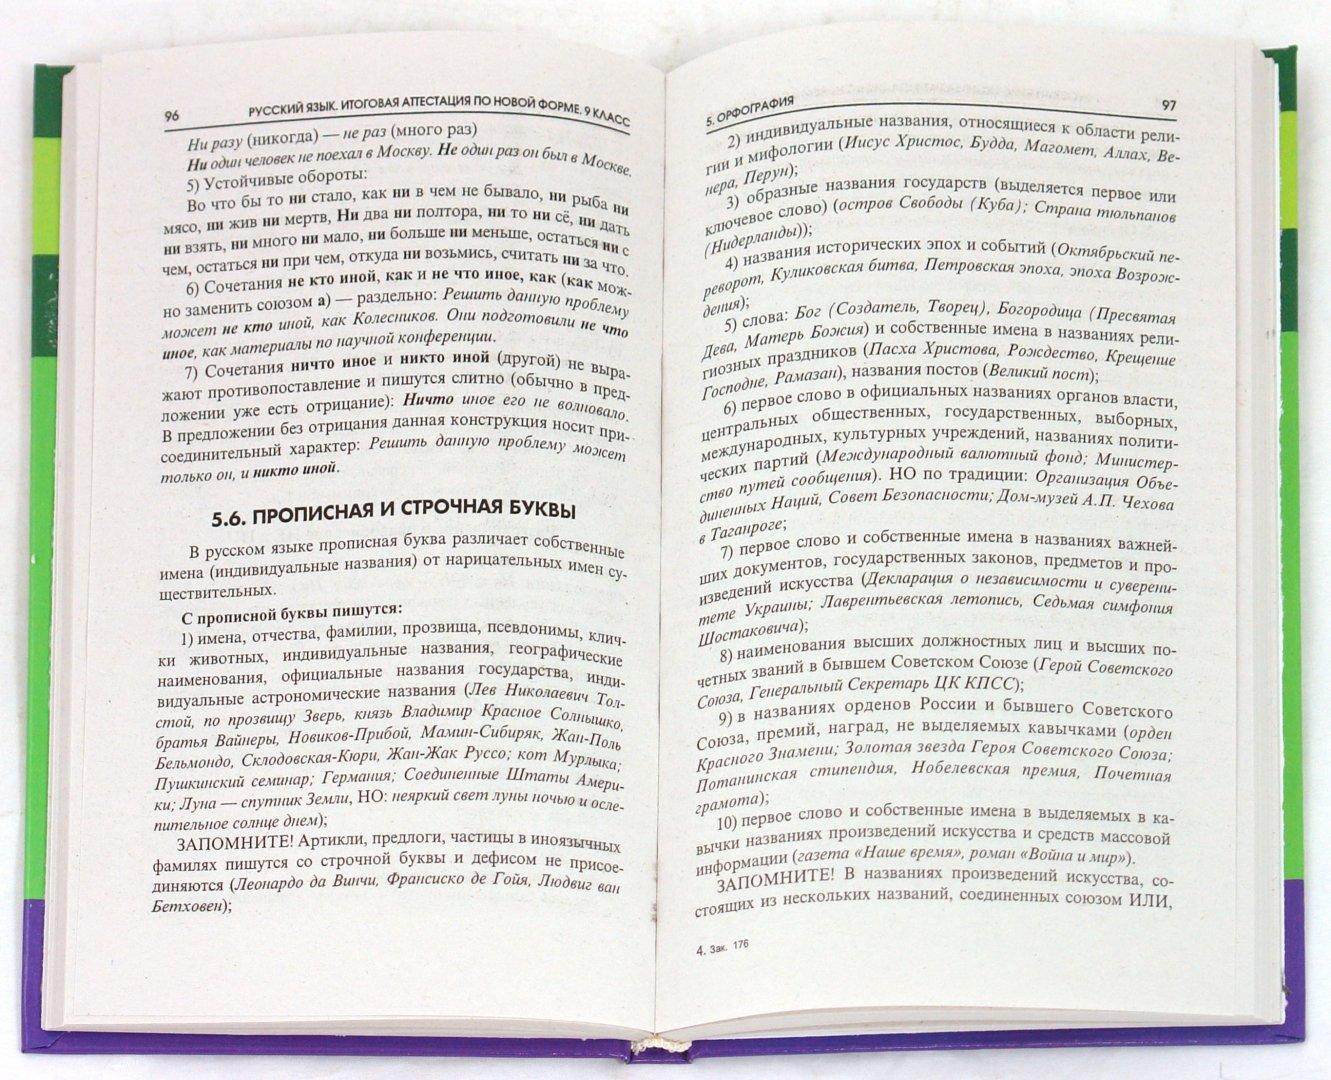 Иллюстрация 1 из 6 для Русский язык: государственная итоговая аттестация (по новой форме): 9 класс - Любовь Черкасова   Лабиринт - книги. Источник: Лабиринт